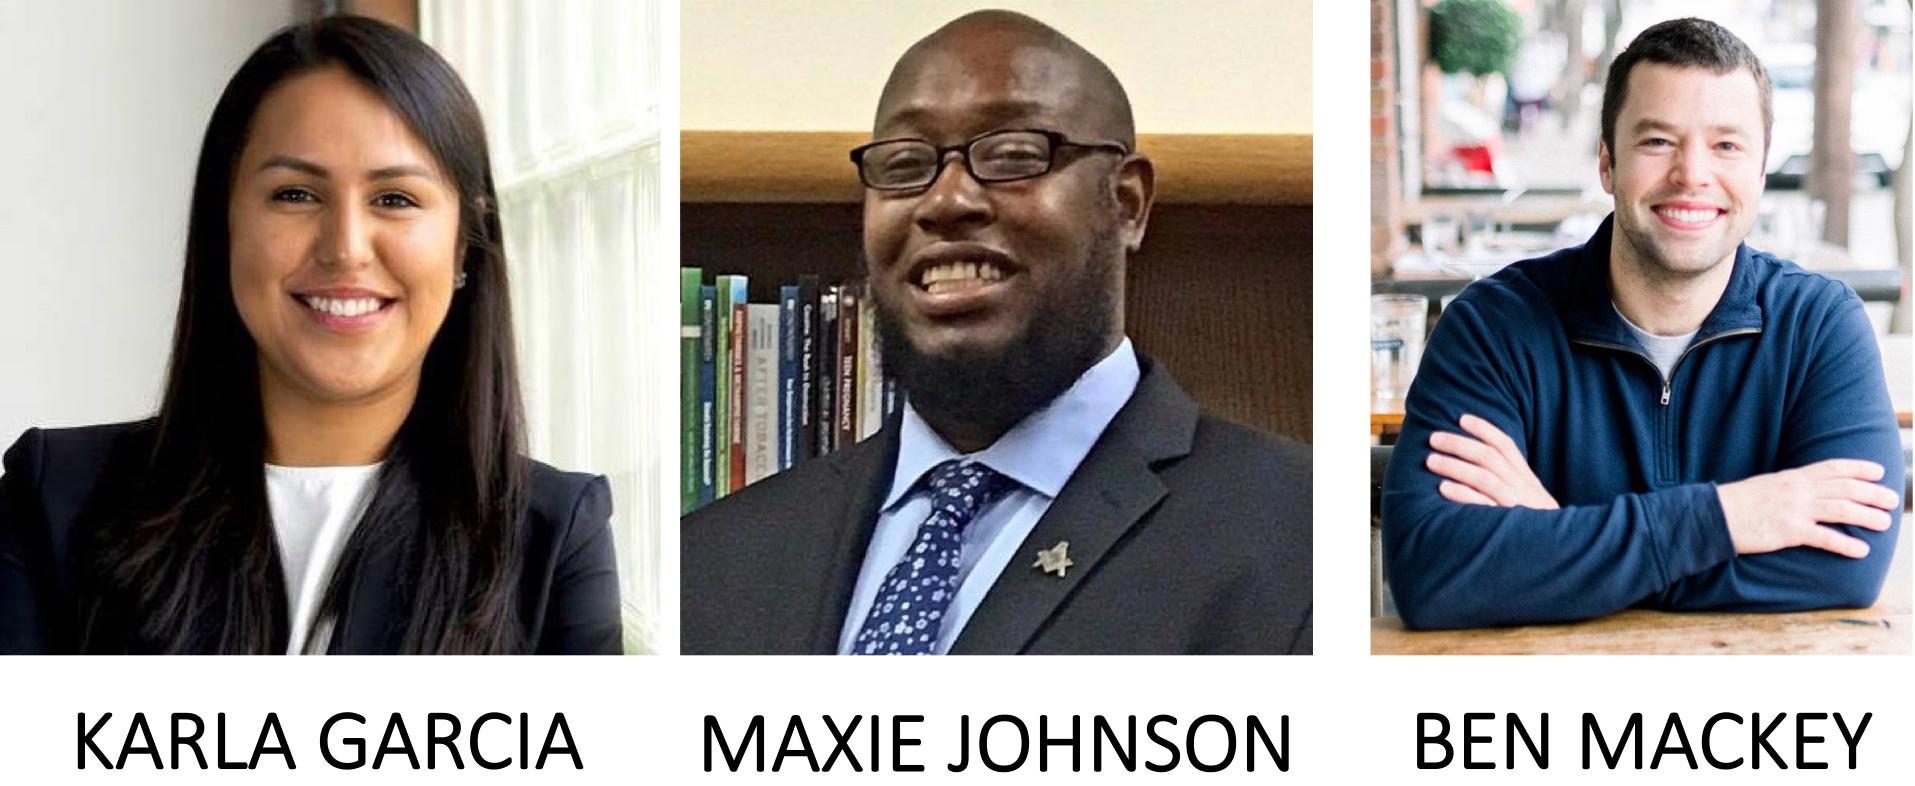 Dallas+ISD+School+Board+Candidates.jpg